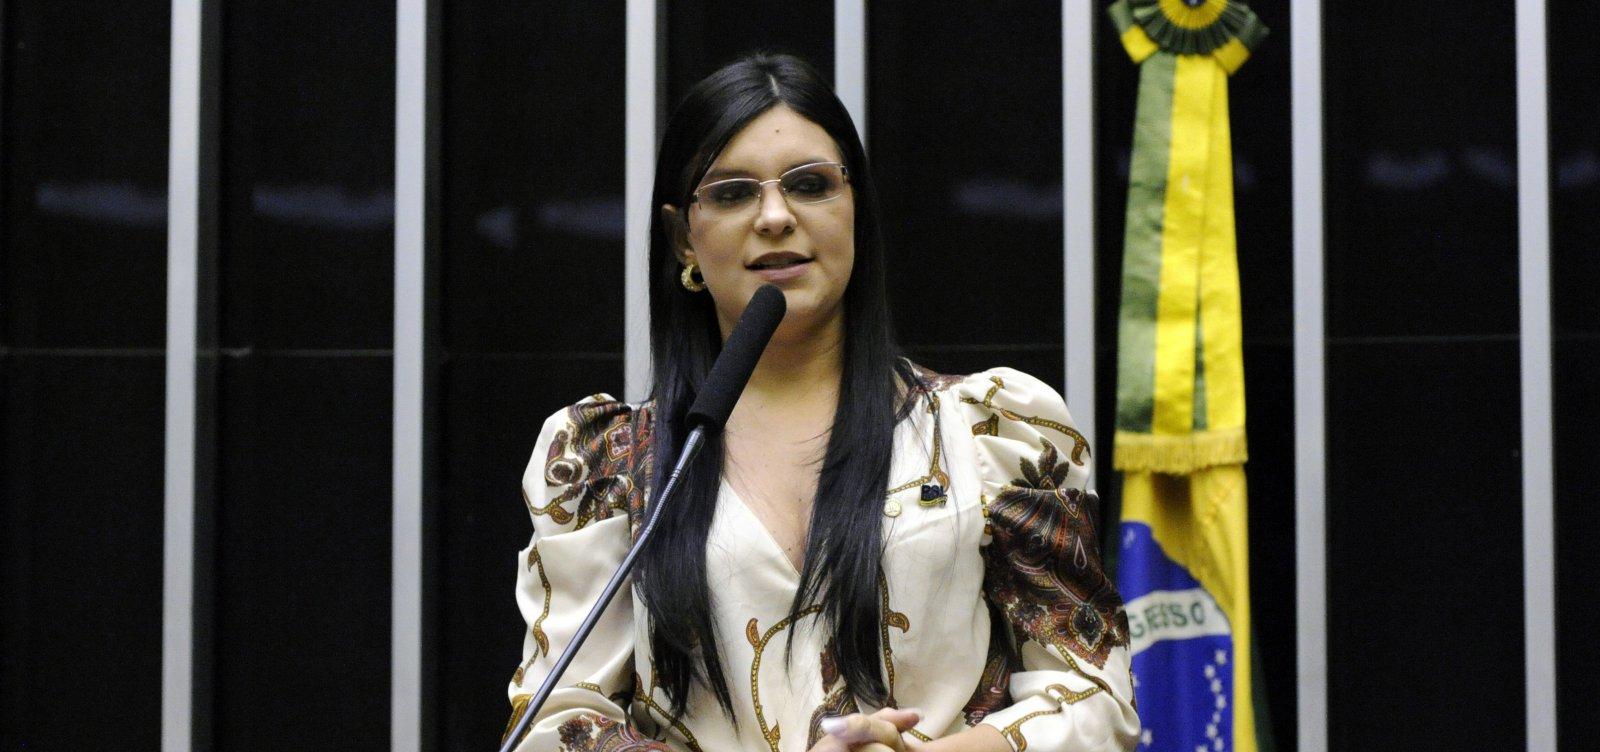 ['Há meses venho falando que se tornou uma farsa', diz Dayane Pimentel sobre Bolsonaro]